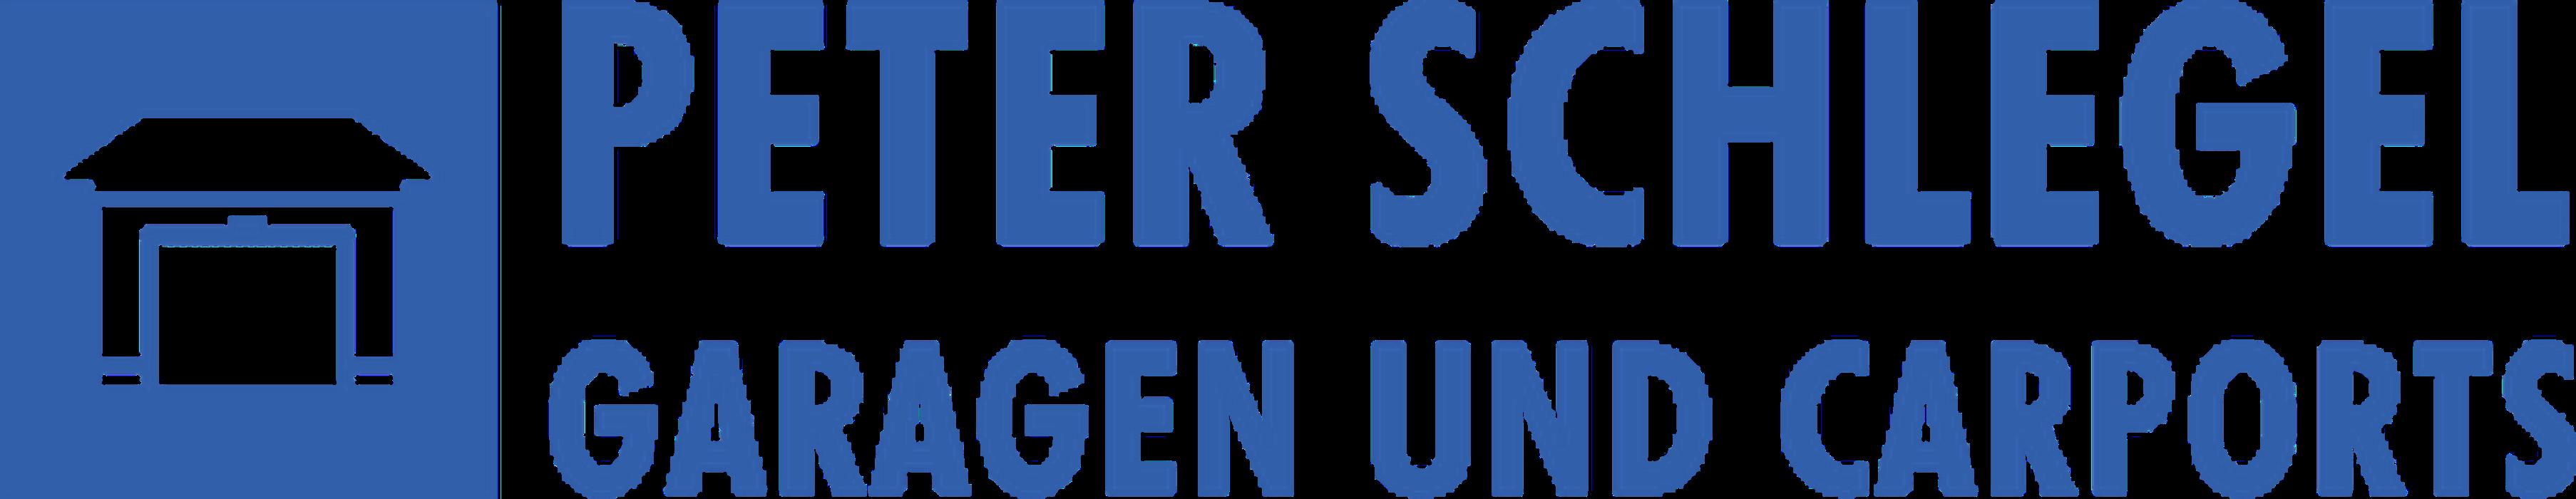 Bild zu Garagen und Carports Peter Schlegel in Doberschau Gaußig